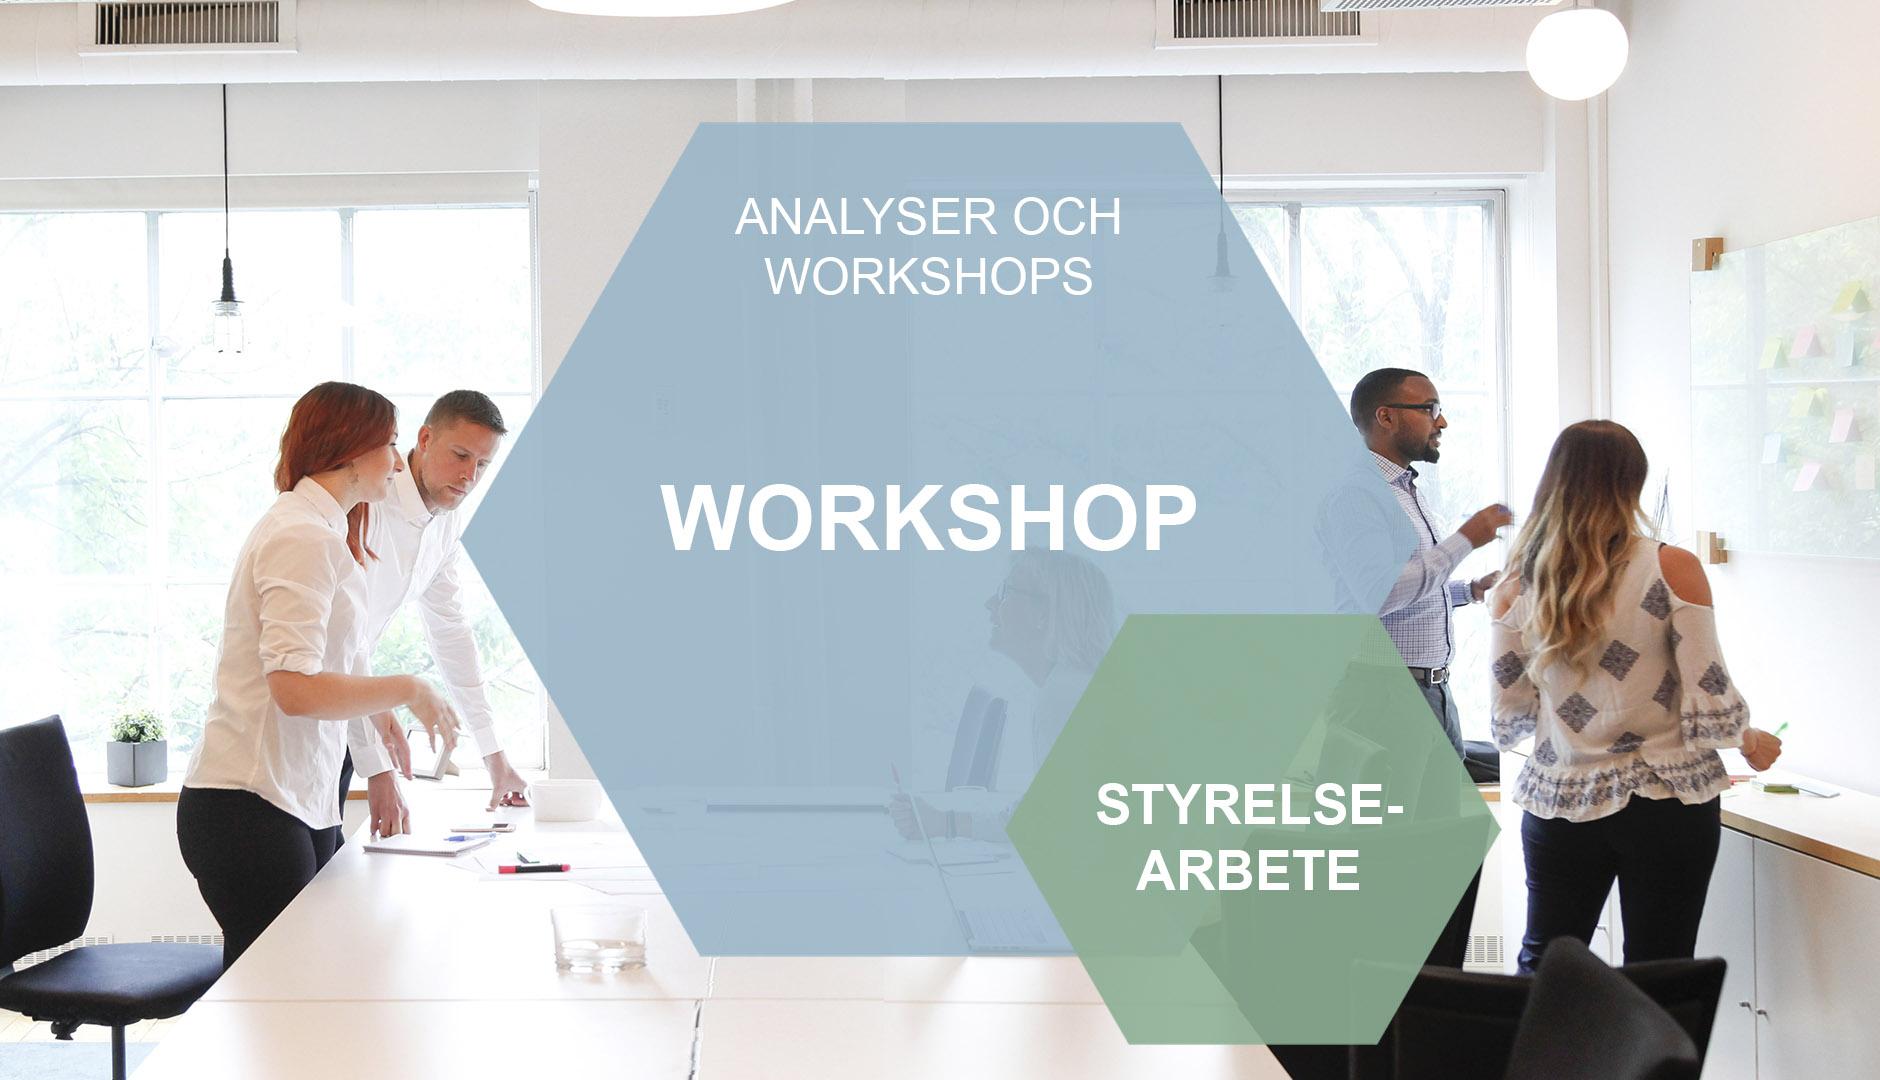 styrelsearbete workshop i hexagon mot bakgrund av människor som workshoppar